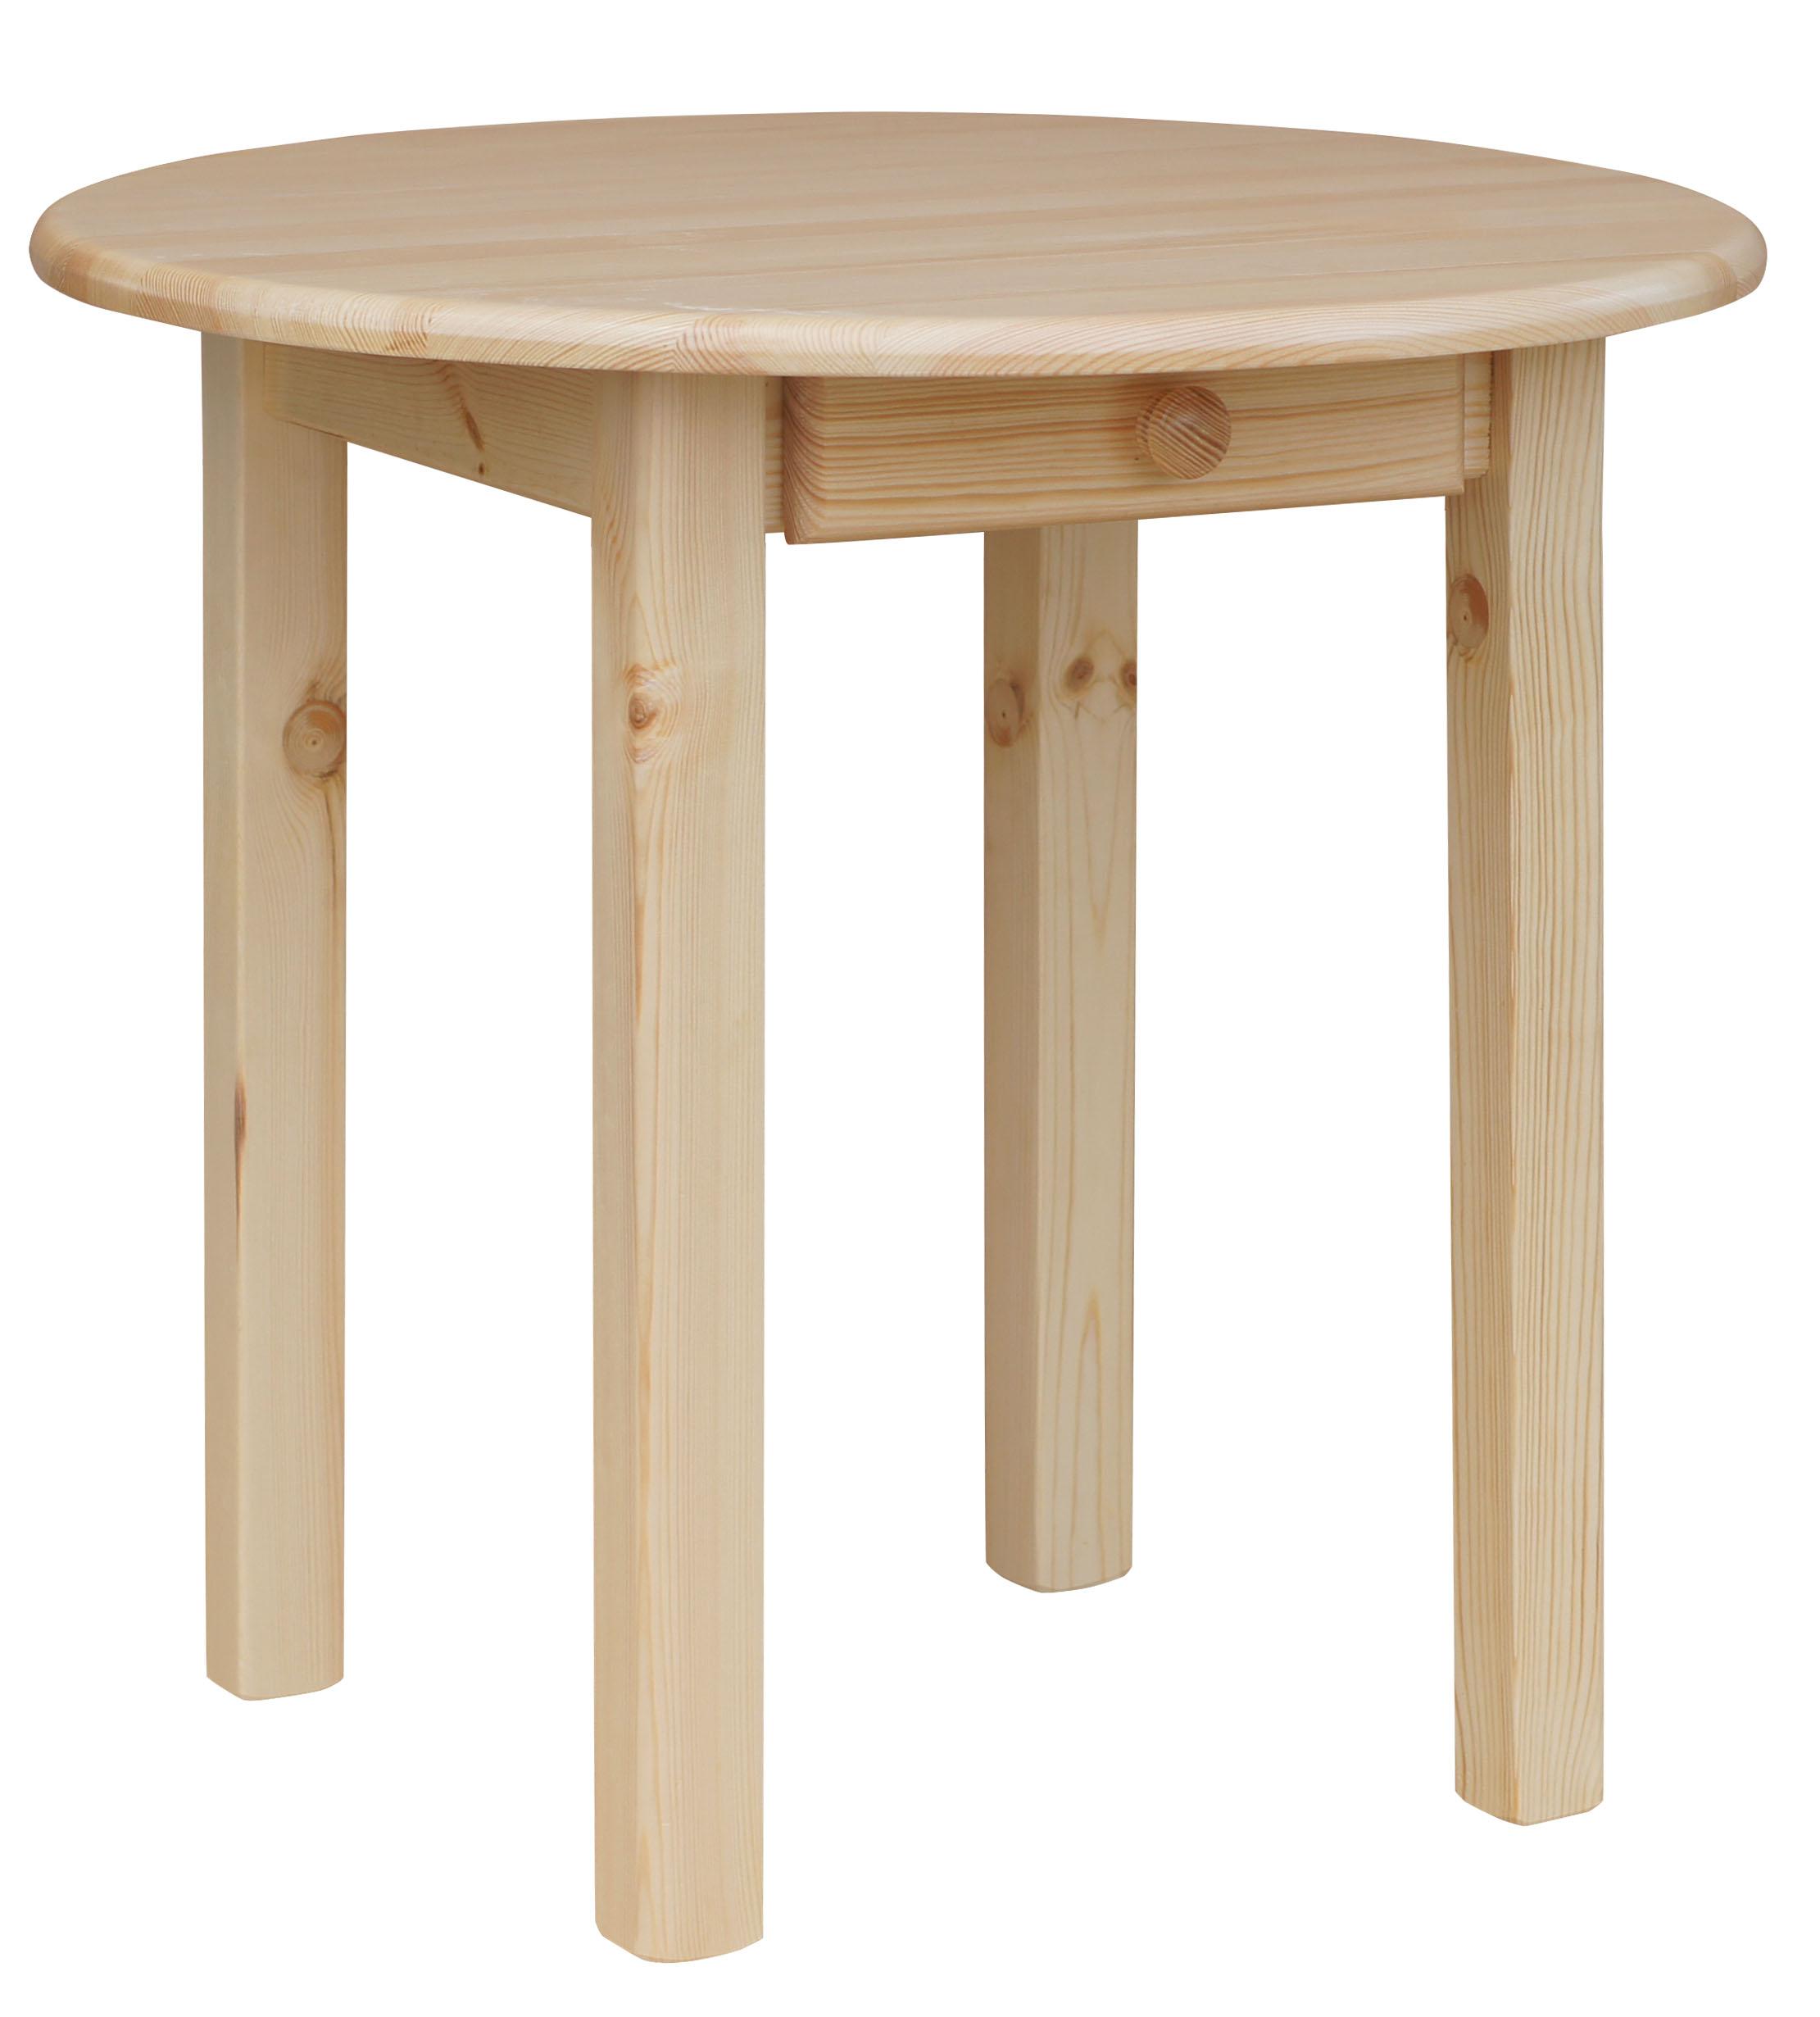 runder kiefer tisch mit schublade esstisch k chentisch massiv restaurant neu ebay. Black Bedroom Furniture Sets. Home Design Ideas